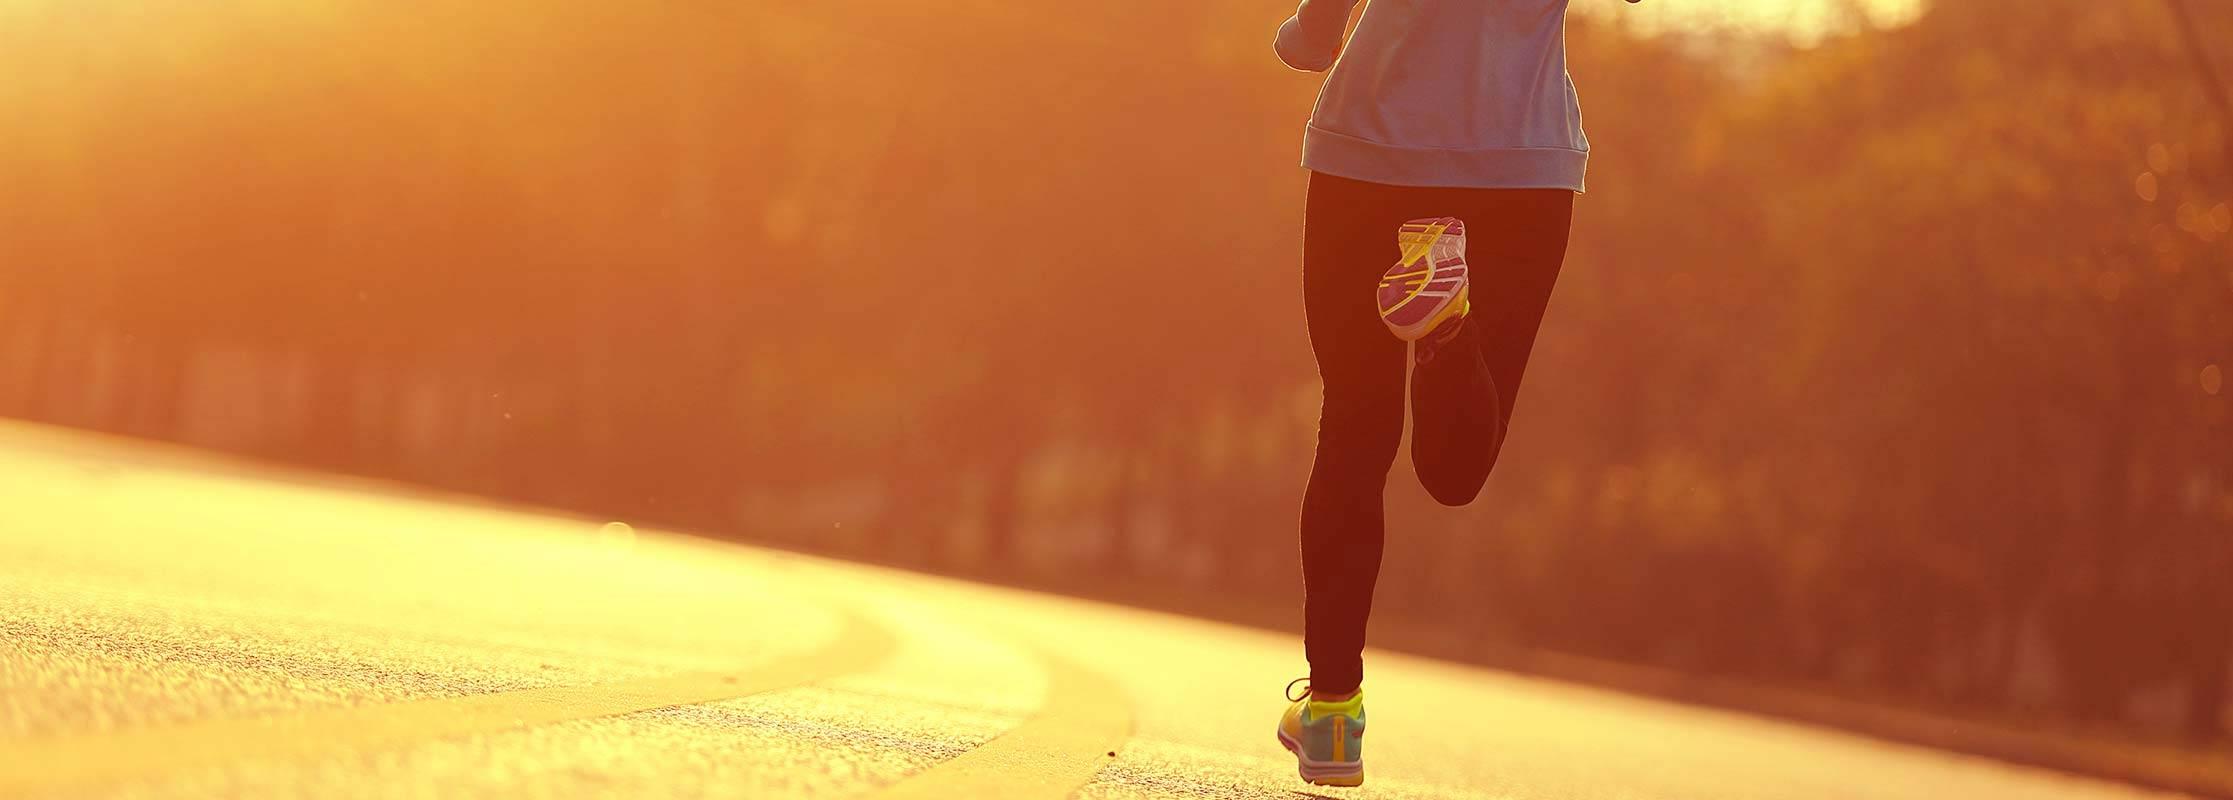 Frau beim Laufen auf einer Straße, Sportmanagement & Fitness studieren an der TRIAGON Akademie